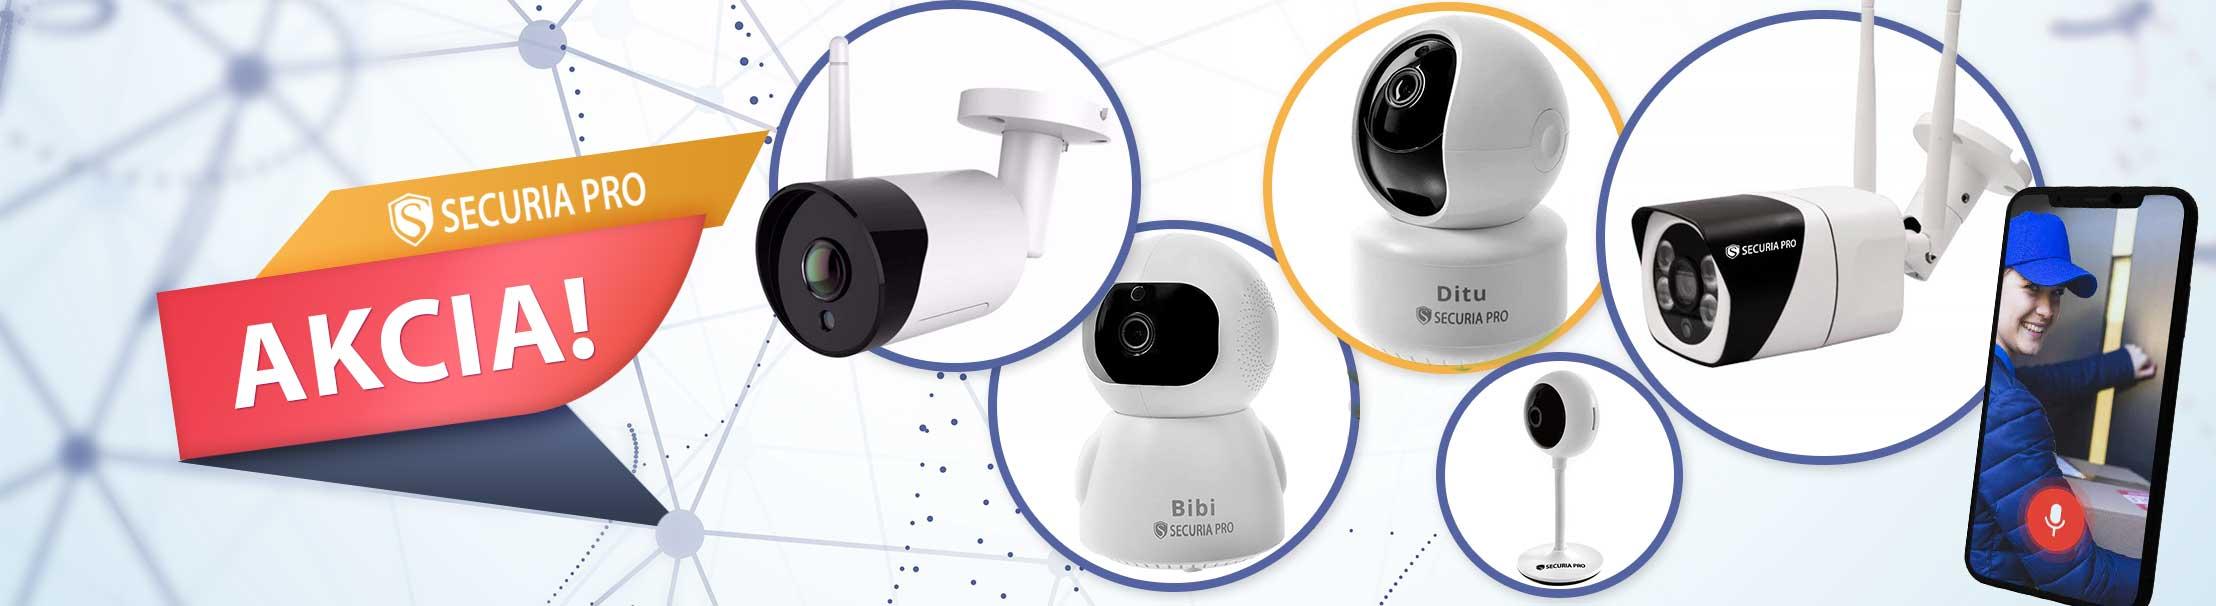 Akcia WiFi IP kamery